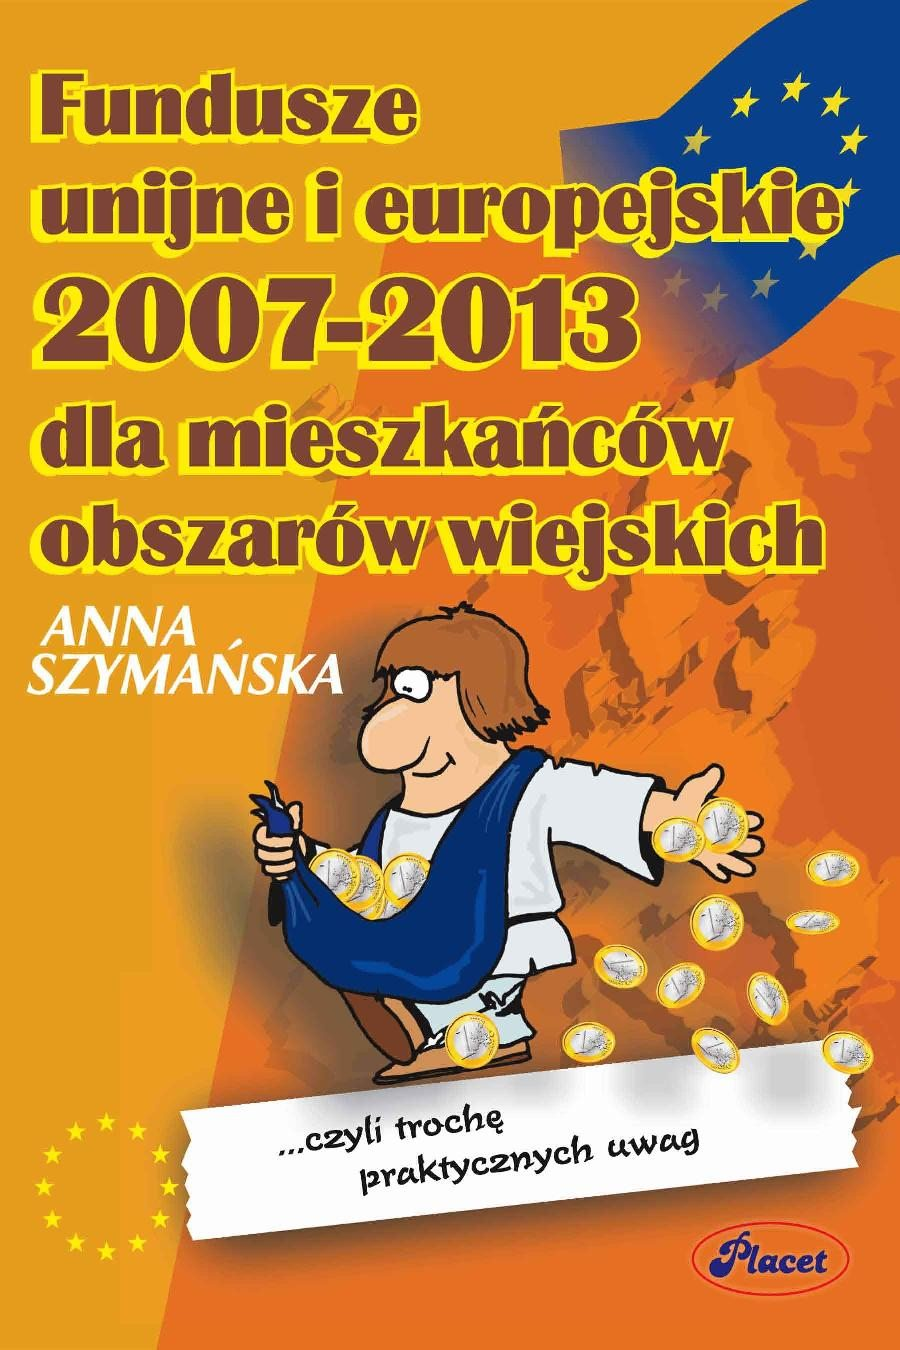 Fundusze UE 2007-2013 dla mieszkańców obszarów wiejskich - Ebook (Książka PDF) do pobrania w formacie PDF